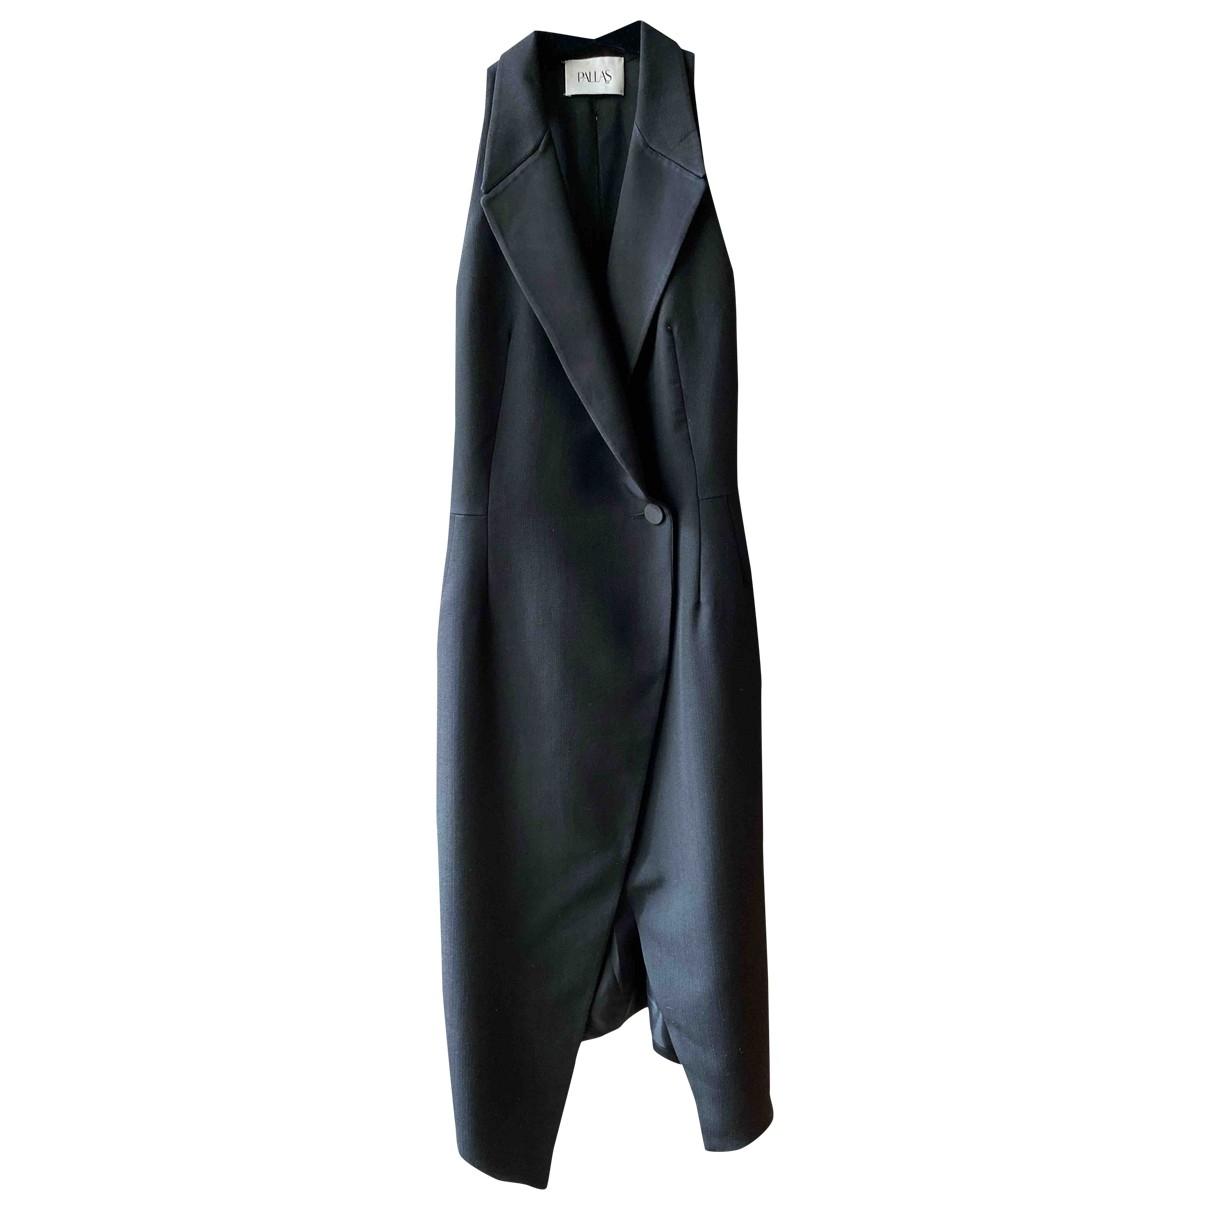 Pallas - Robe   pour femme en laine - noir